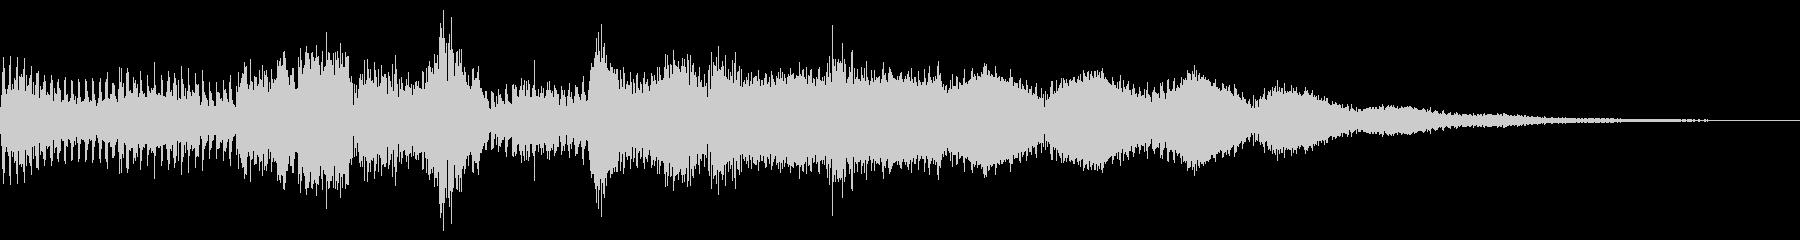 サウンドロゴ、ジングル(テクノ風)の未再生の波形